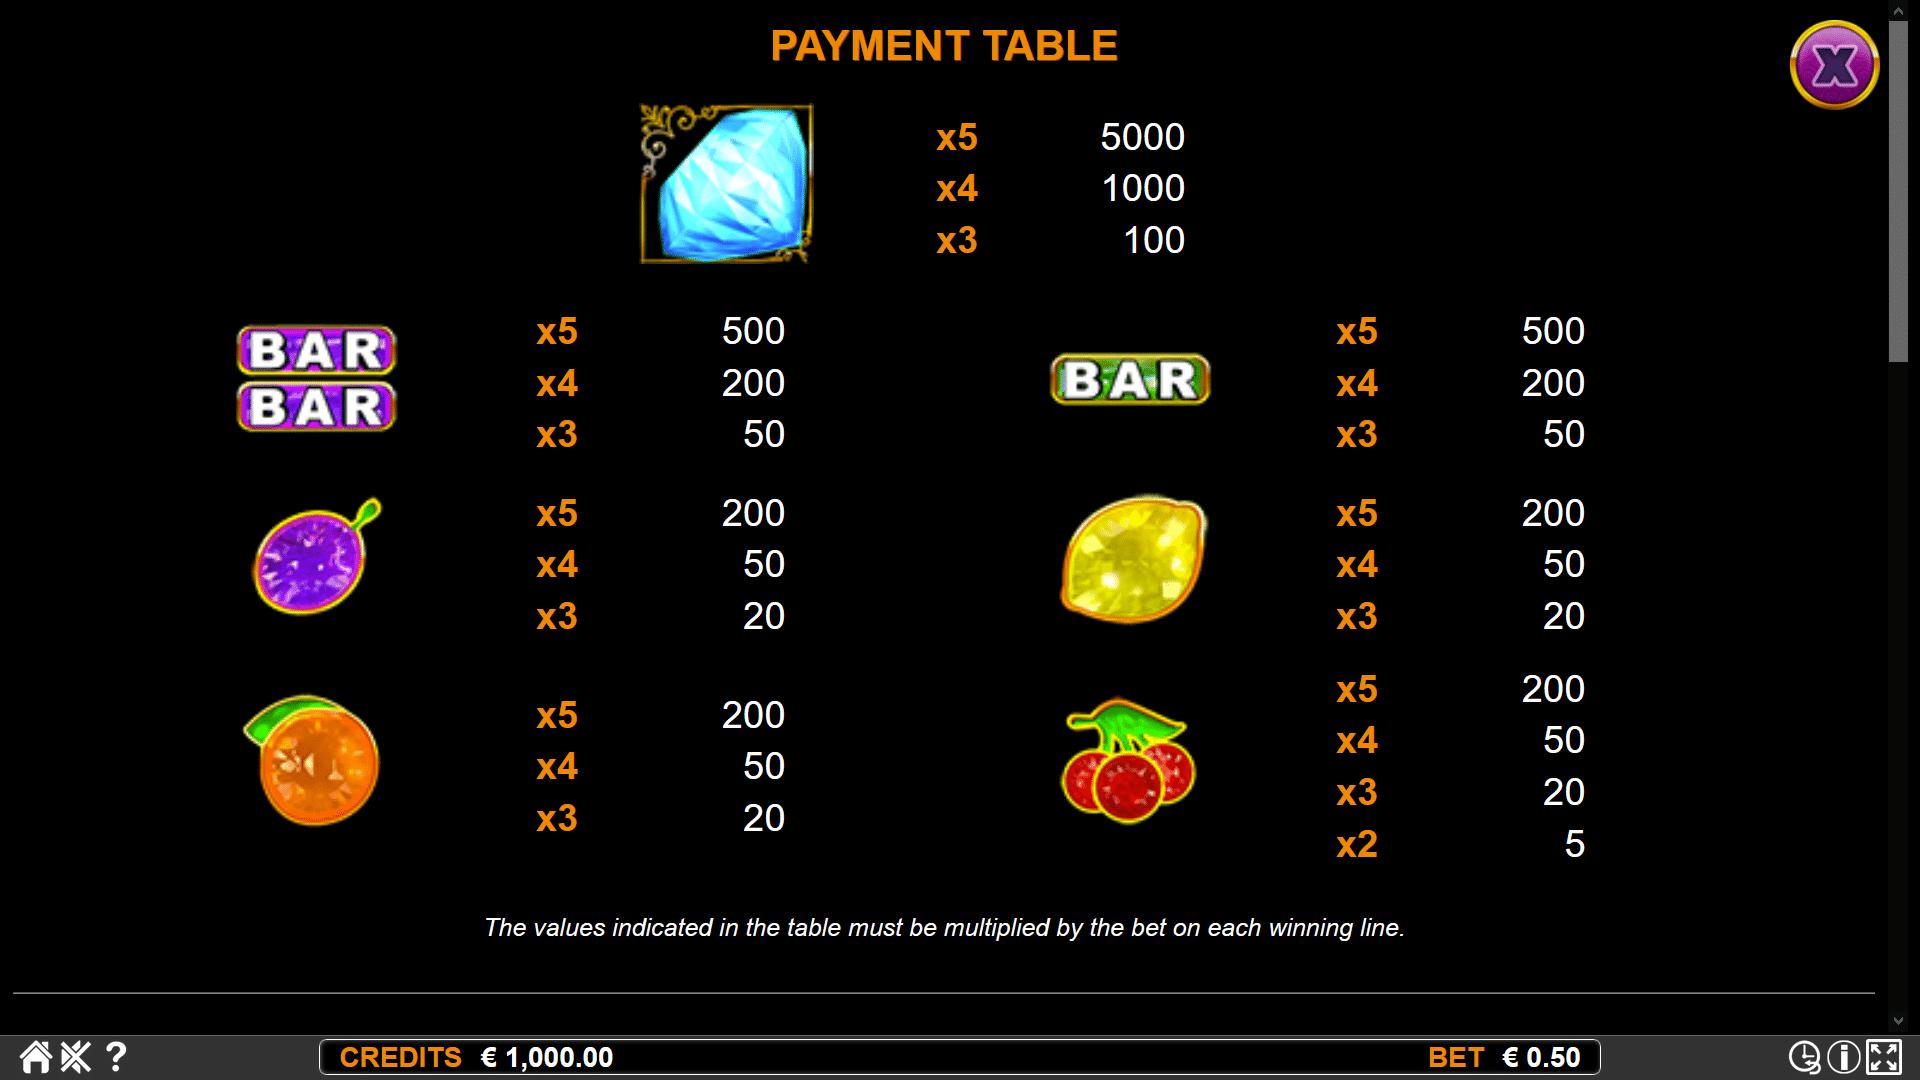 Tabella Pagamenti della Slot Gratis Diamond Gold